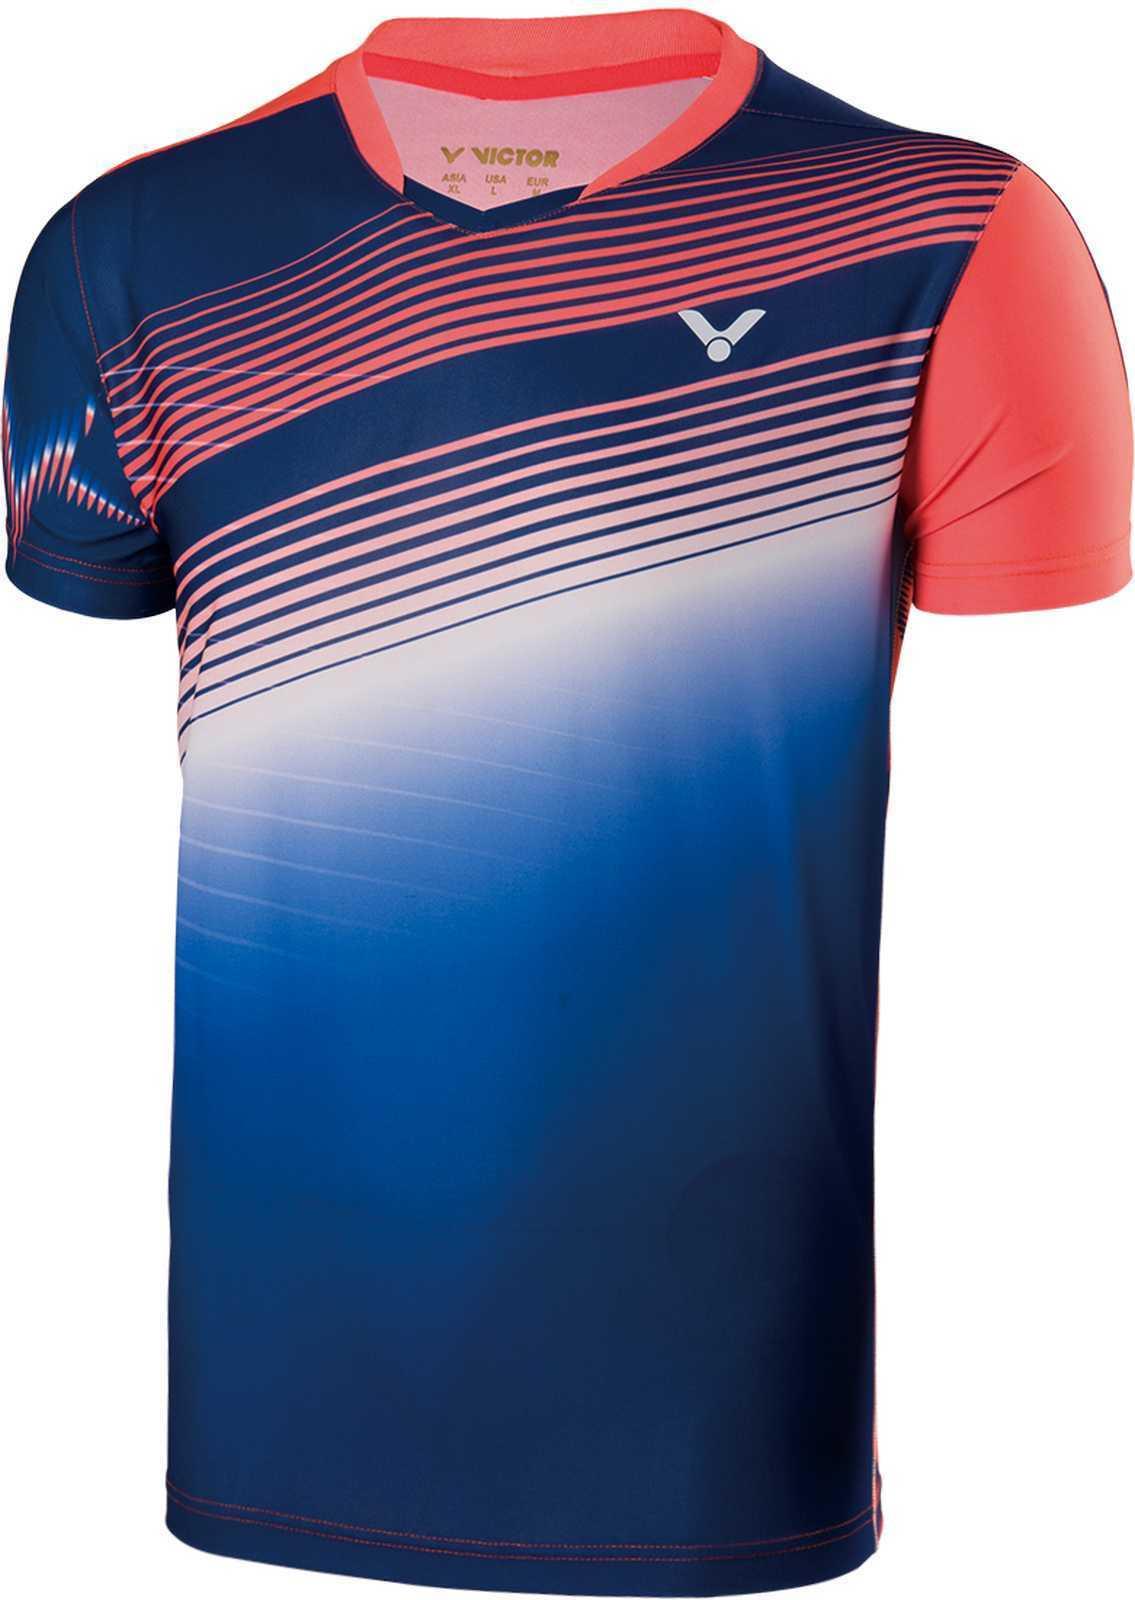 Victor Shirt Malaysia 6327   Badminton Badminton Badminton Tischtennis Polo b4649c